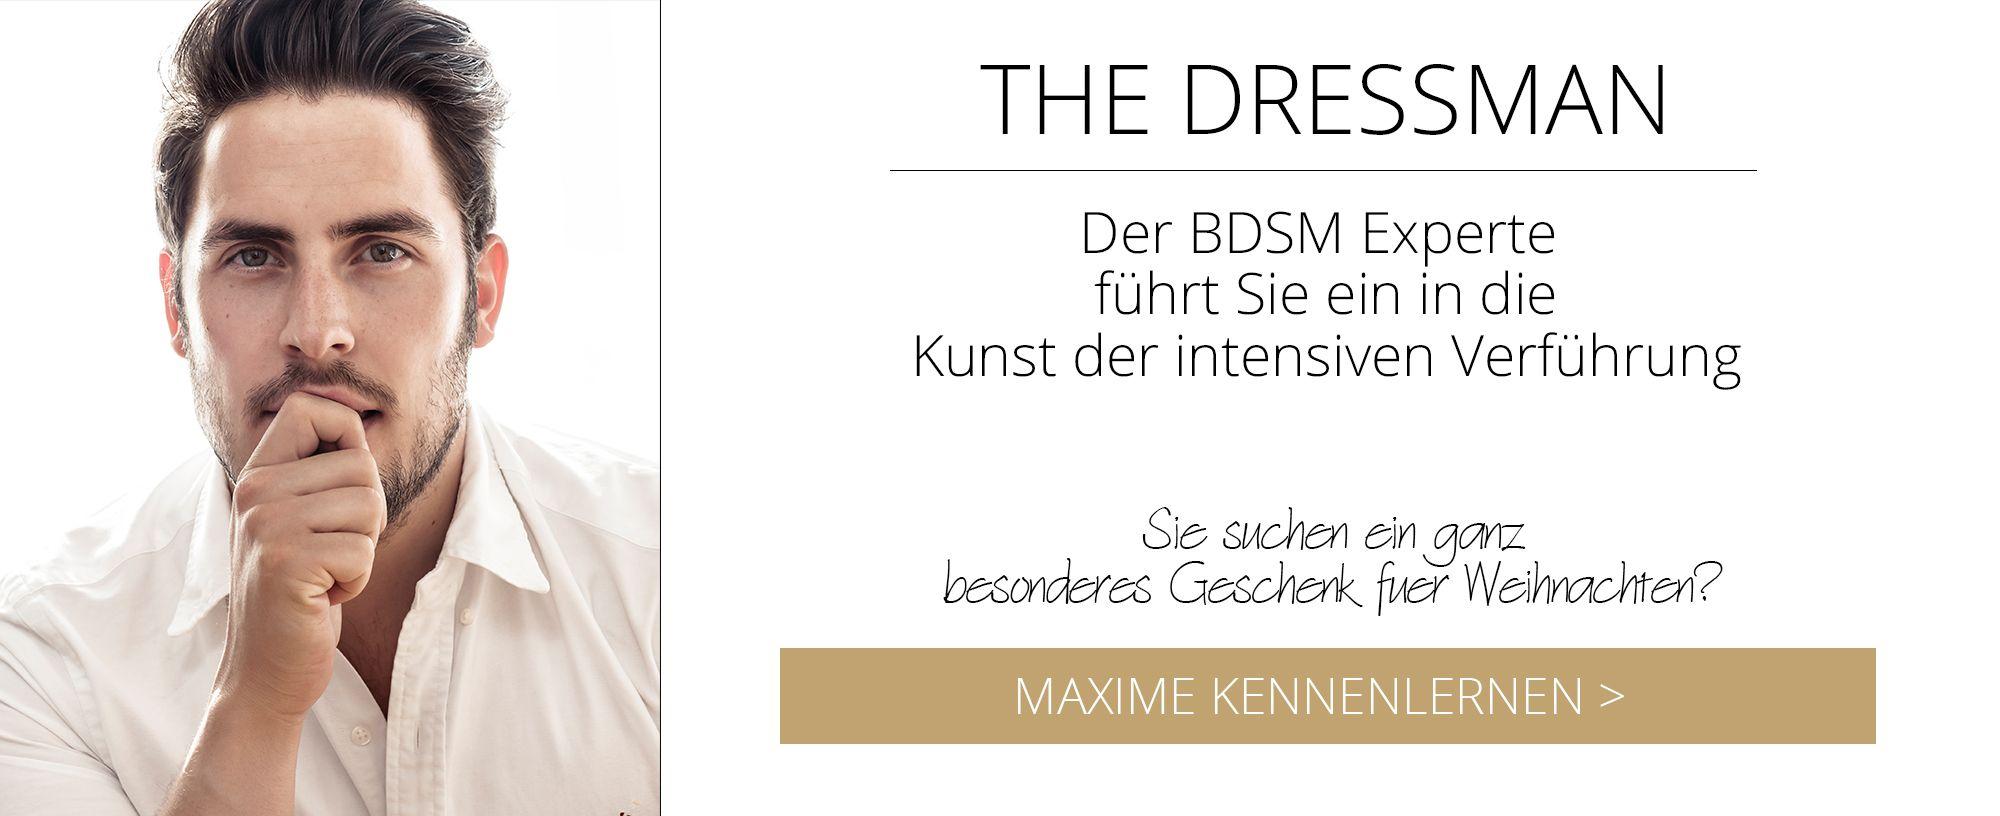 Lesenswert ;)  https://fraeulein-spitz.de/blog/TheDressman_Blog/